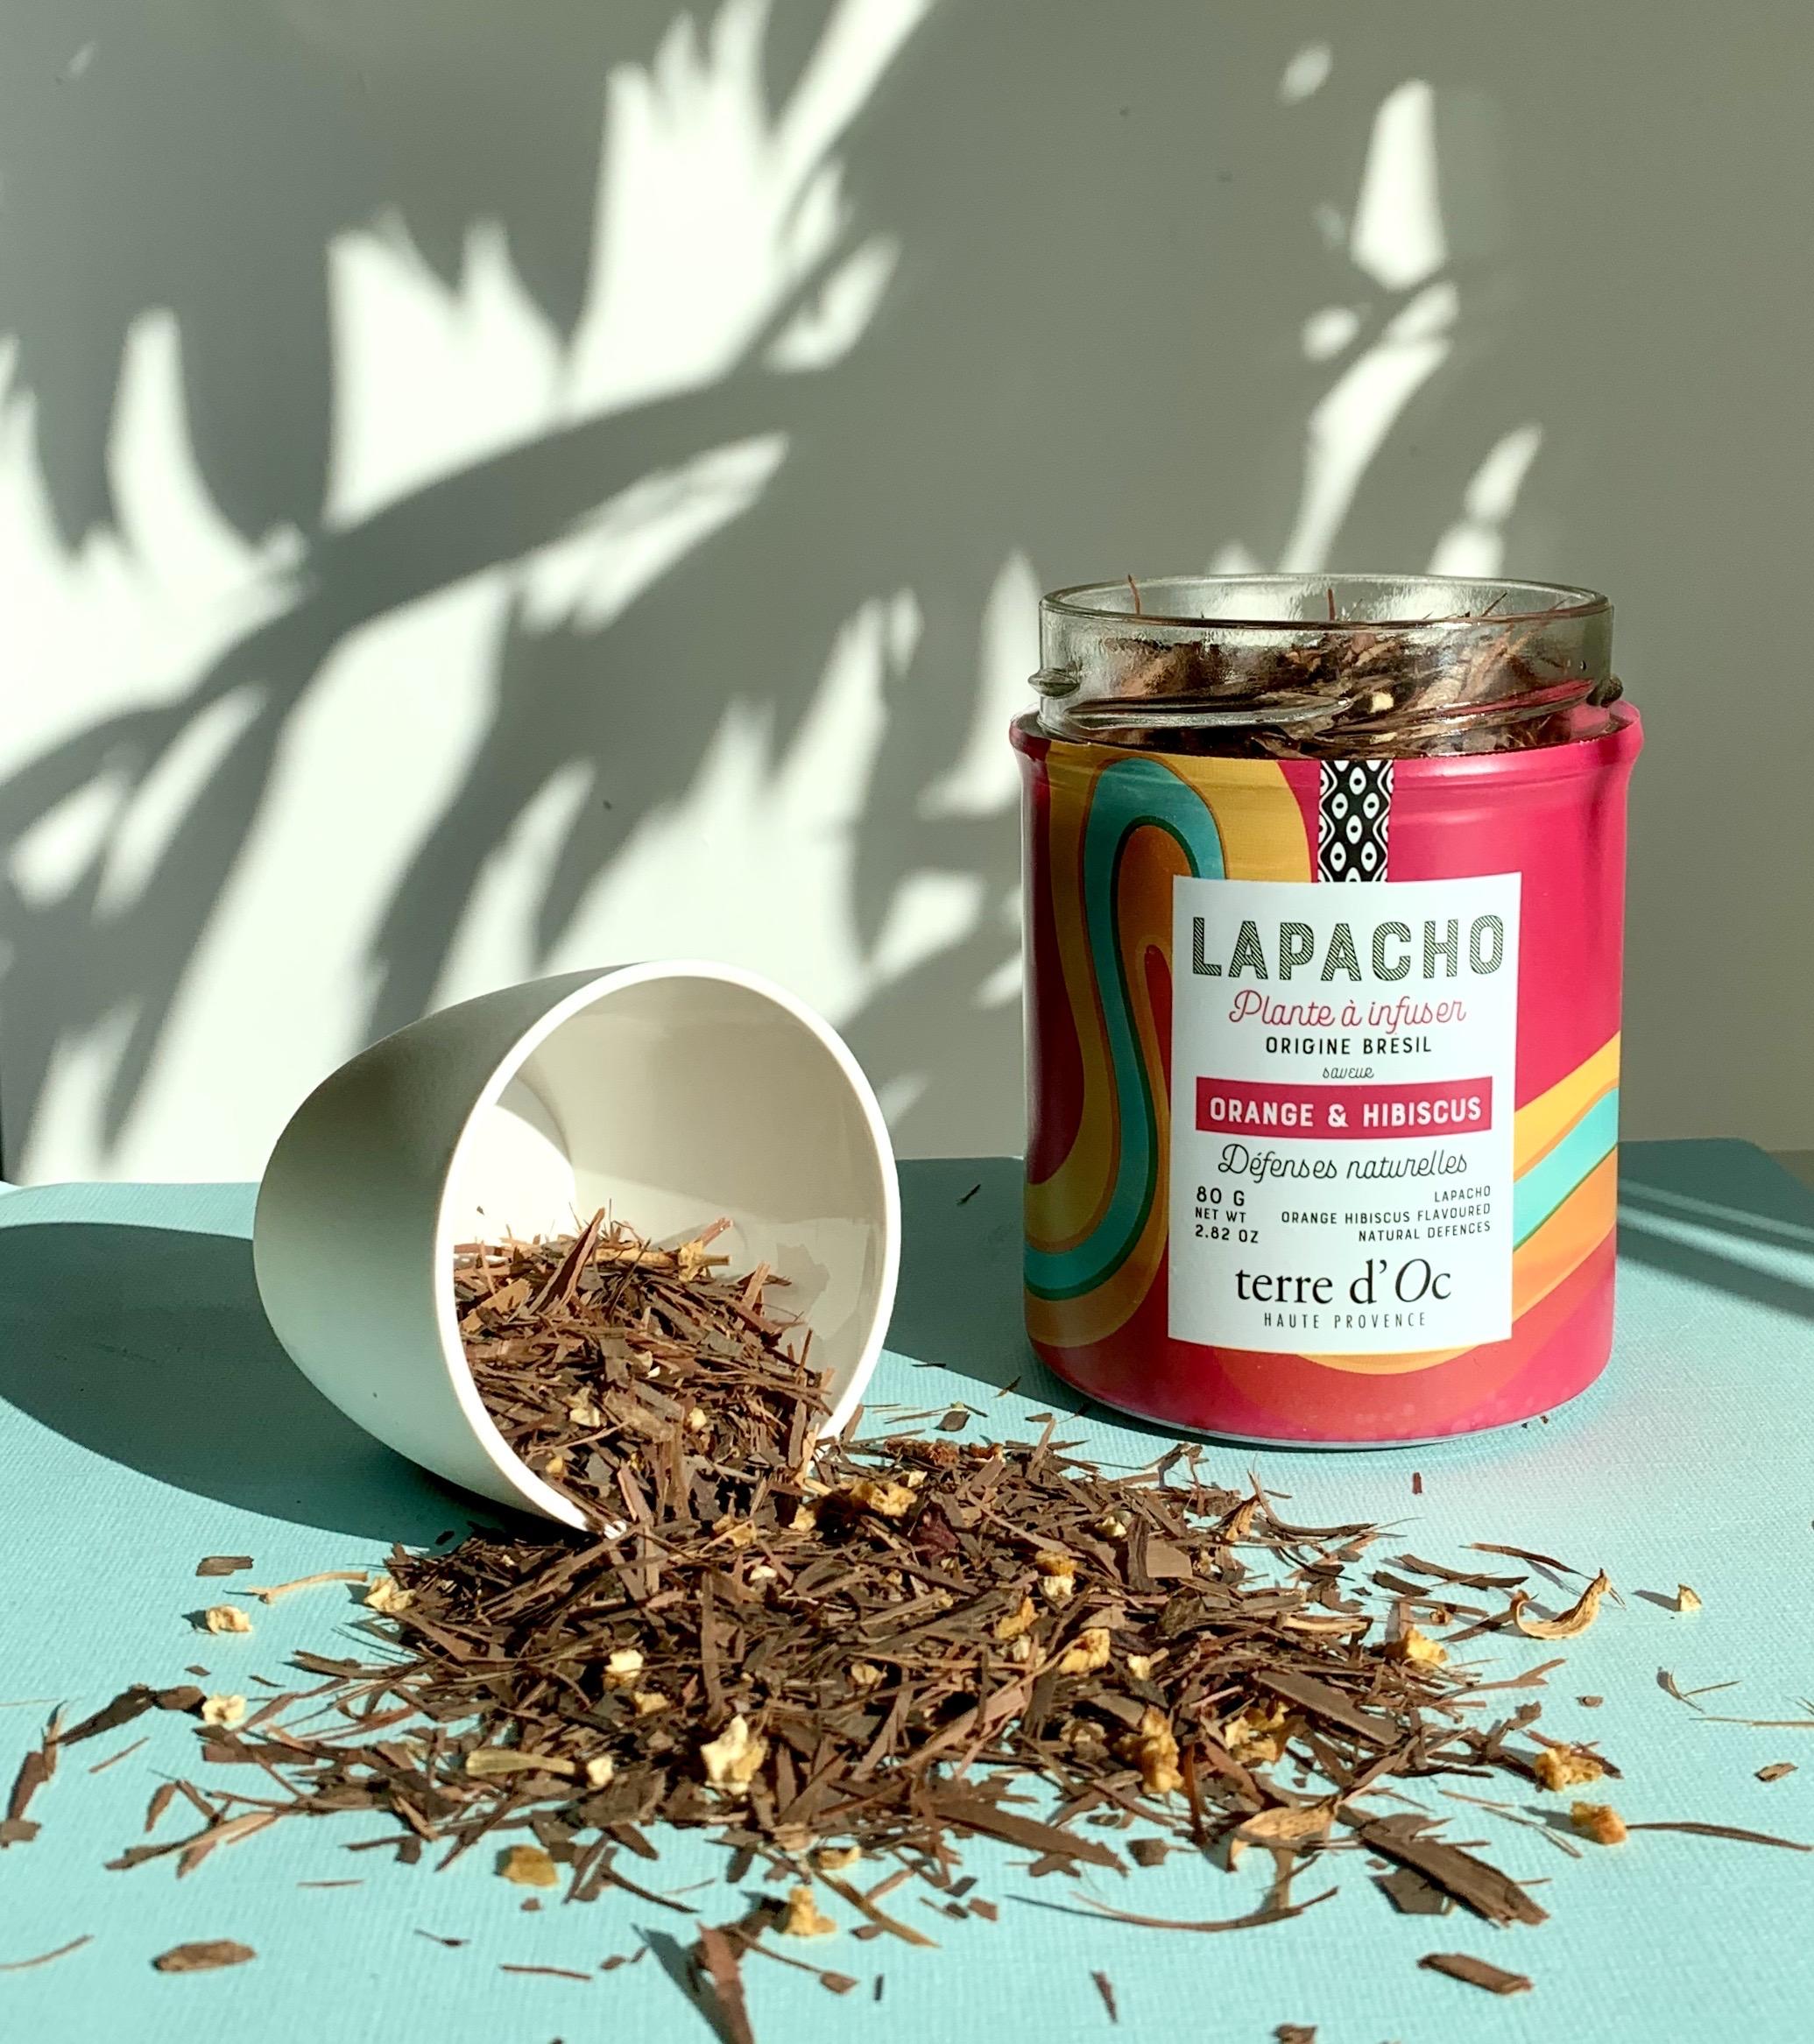 Lapacho Tea - Orange & Hibiscus